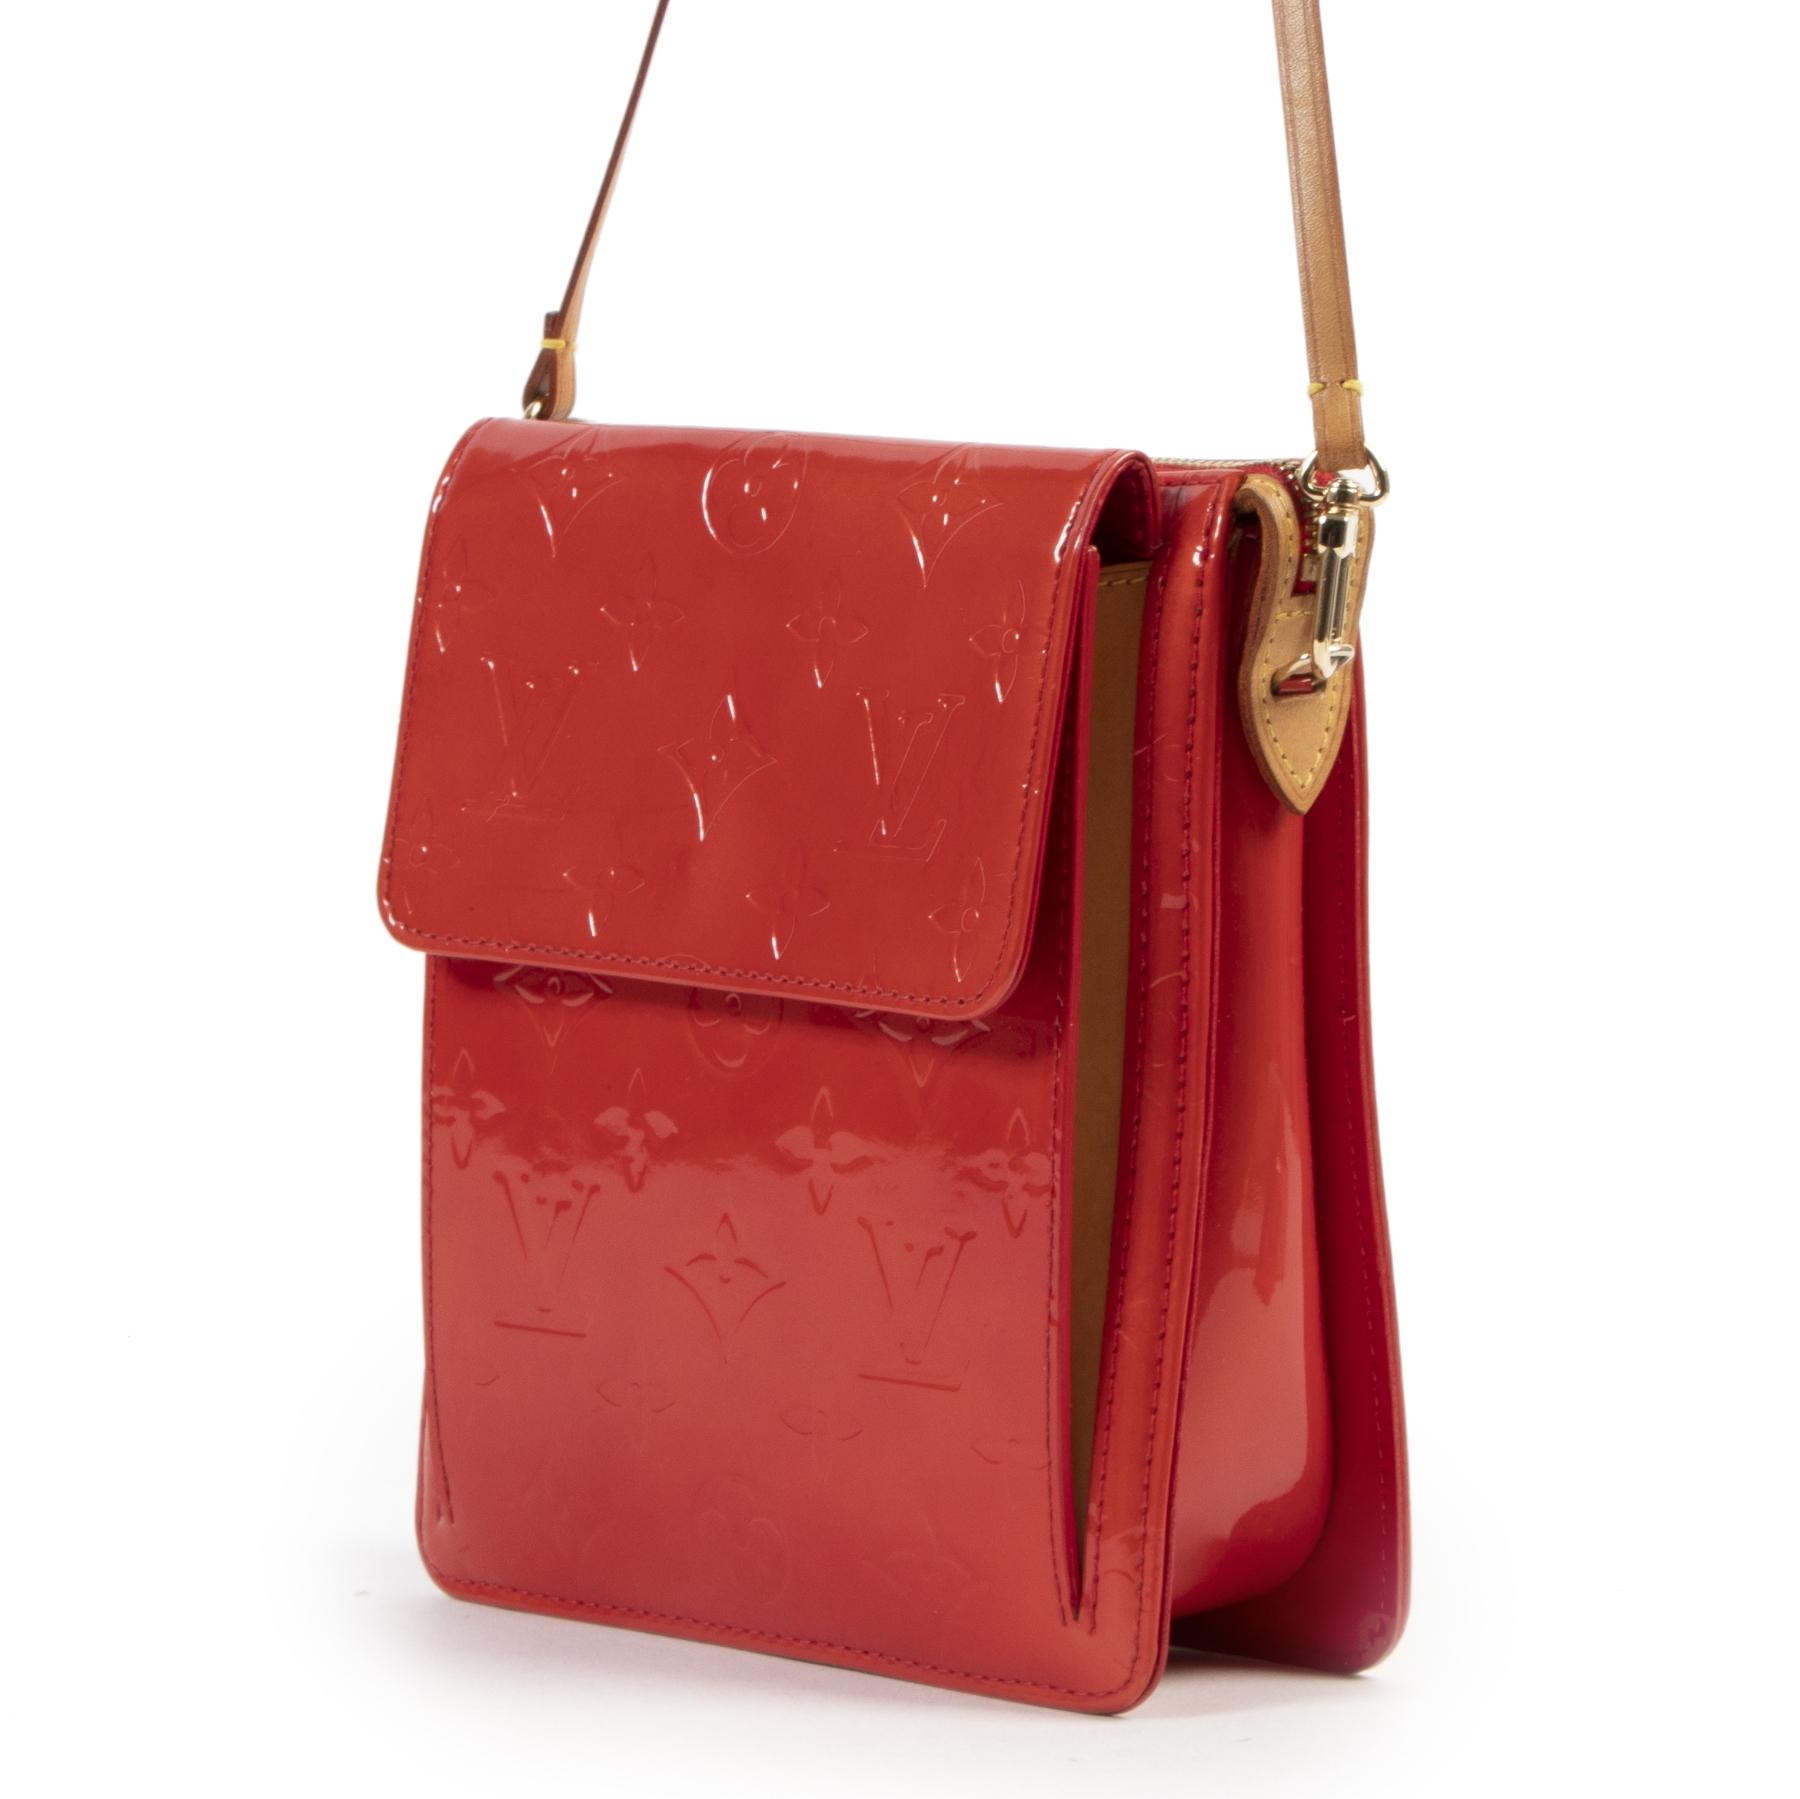 Louis Vuitton Red Patent Mott Shoulder Bag kopen en verkopen aan de beste prijs bij Labellov